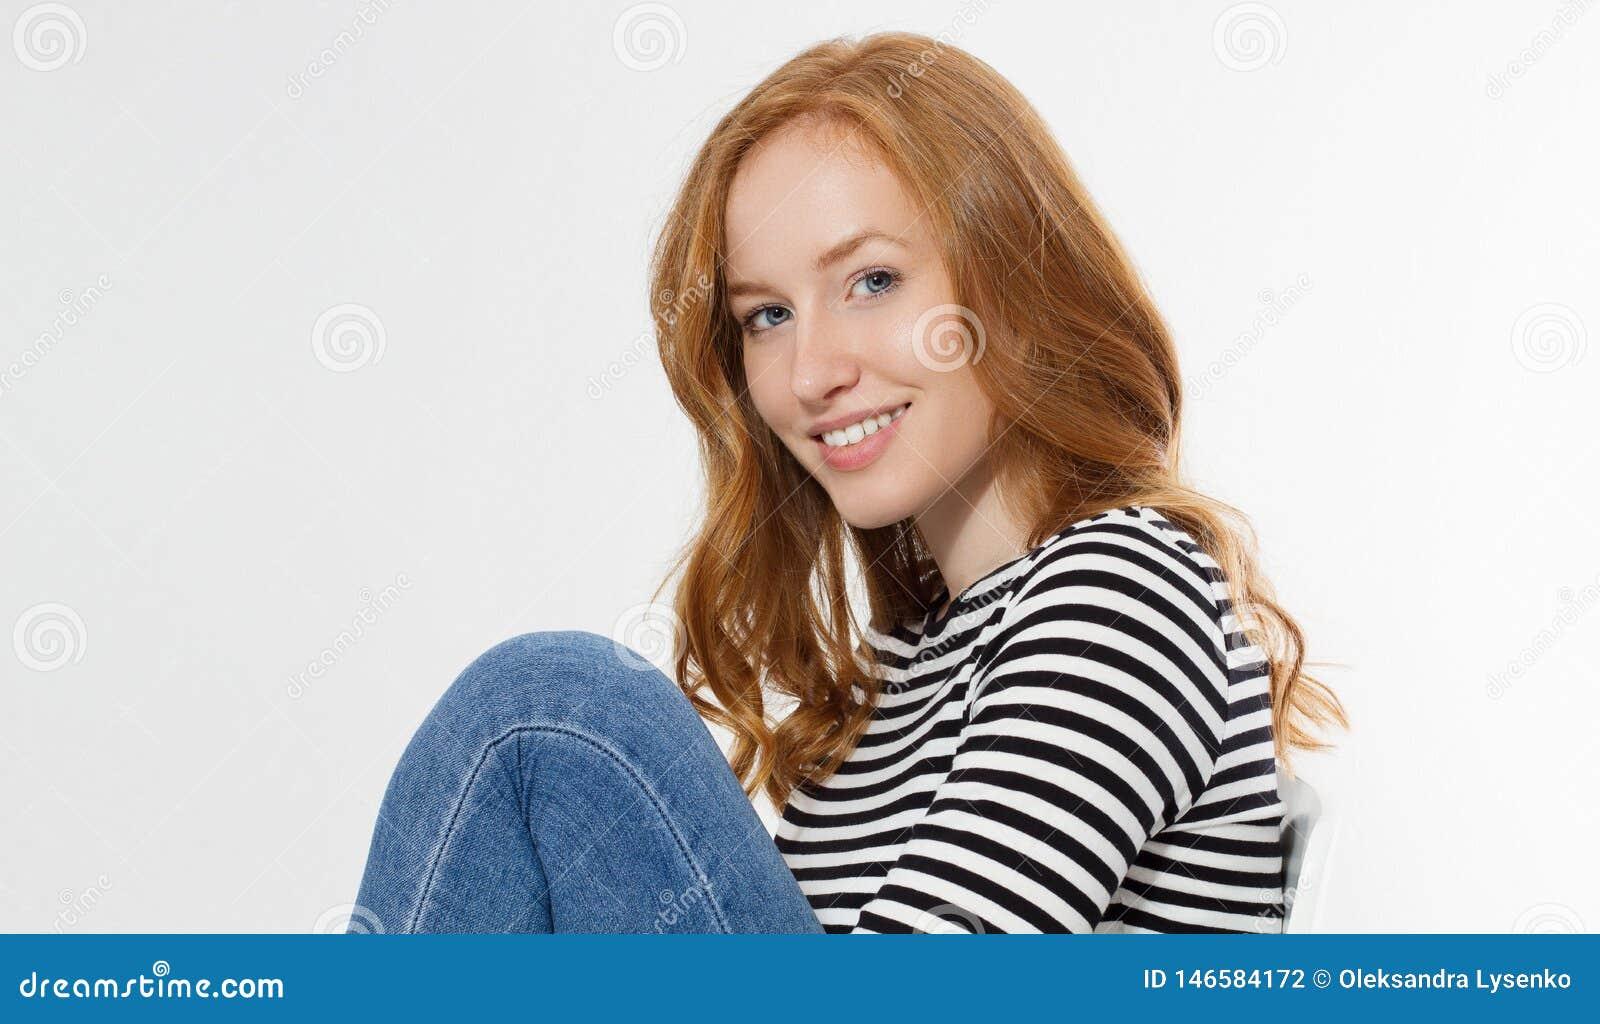 Κοκκινομάλλες κορίτσι με το στενό επάνω μακρο πρόσωπο που απομονώνεται στο άσπρο υπόβαθρο r Κανένας αποτελέστε την έννοια Redhead